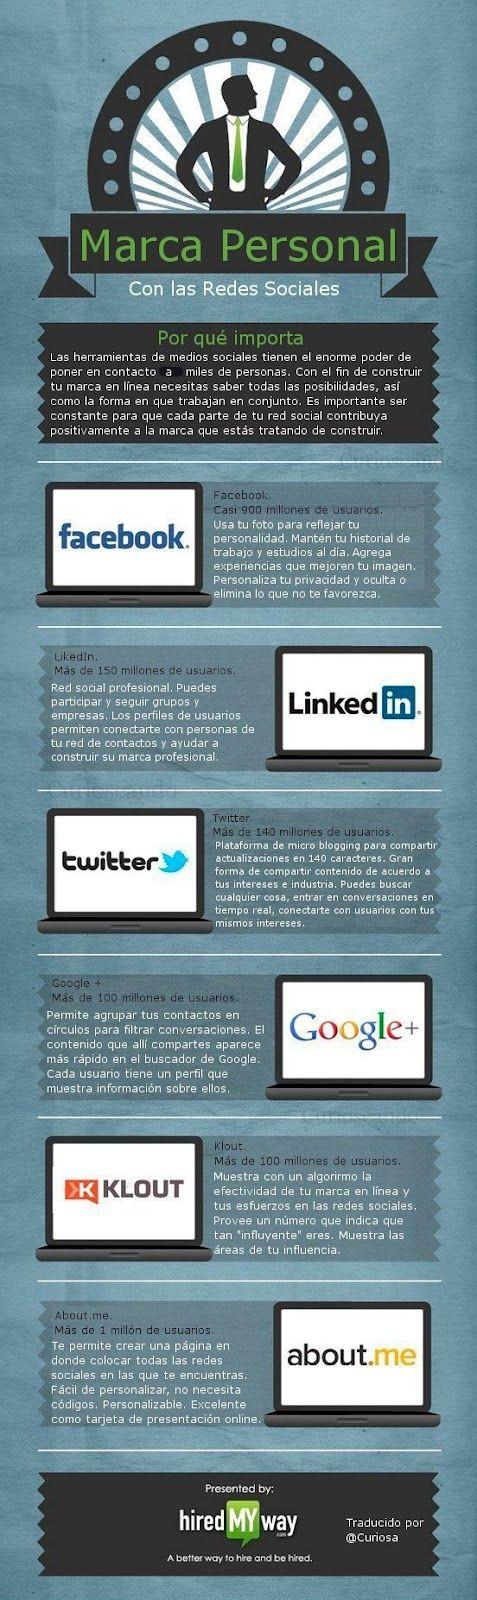 Infografía en español que muestra qué hacer en las redes sociales para crear tu marca personal.